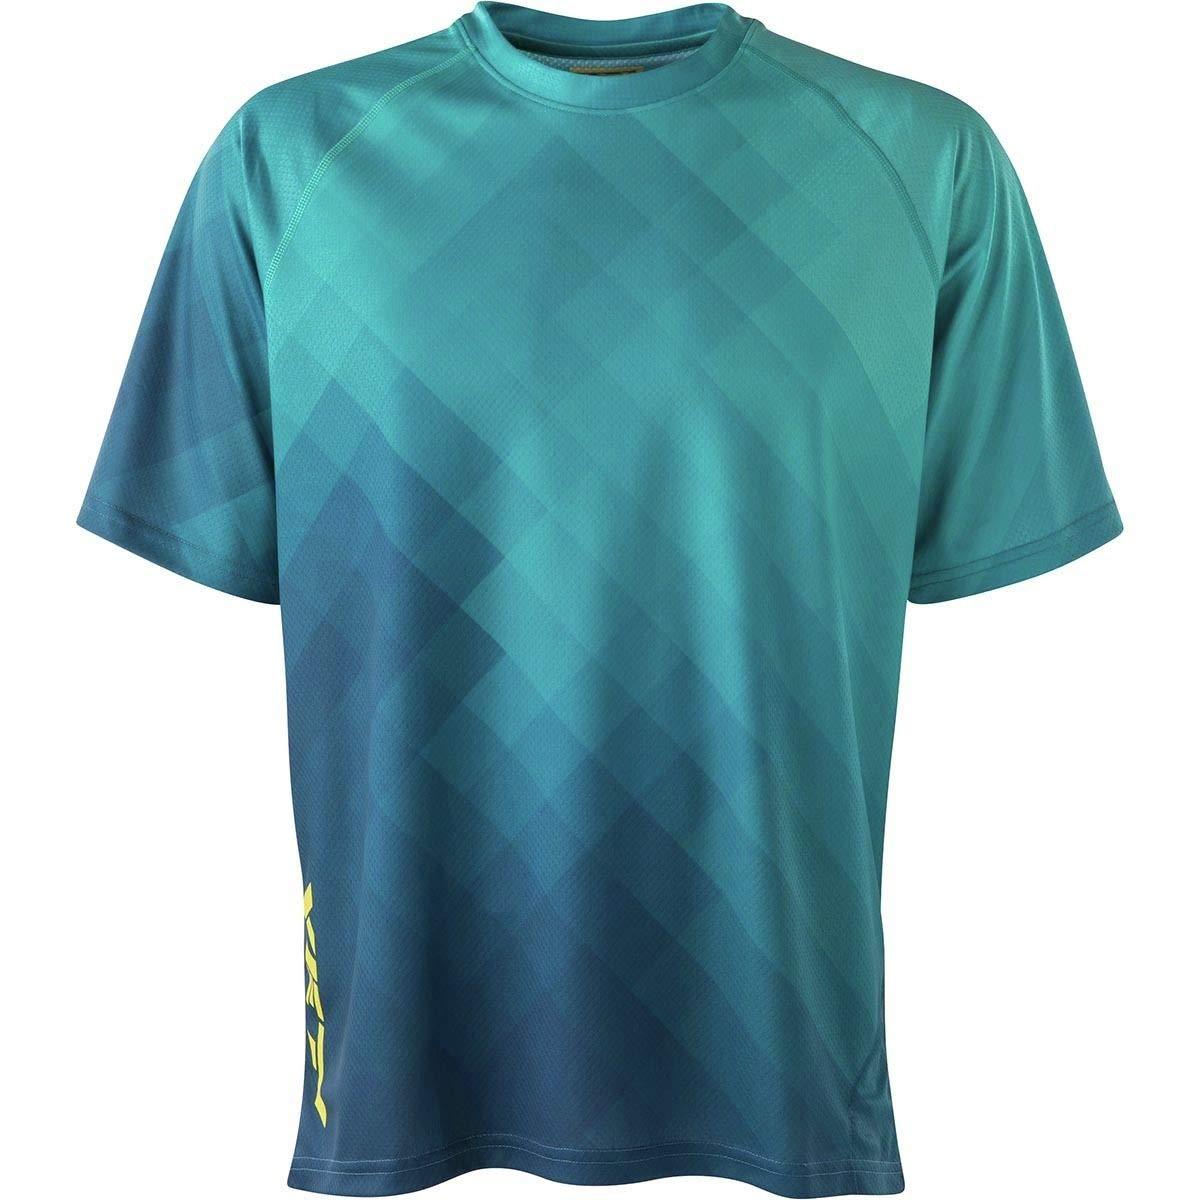 [イエティ サイクル] メンズ サイクリング Alder Short-Sleeve Jersey [並行輸入品] S  B07P5BYZCJ